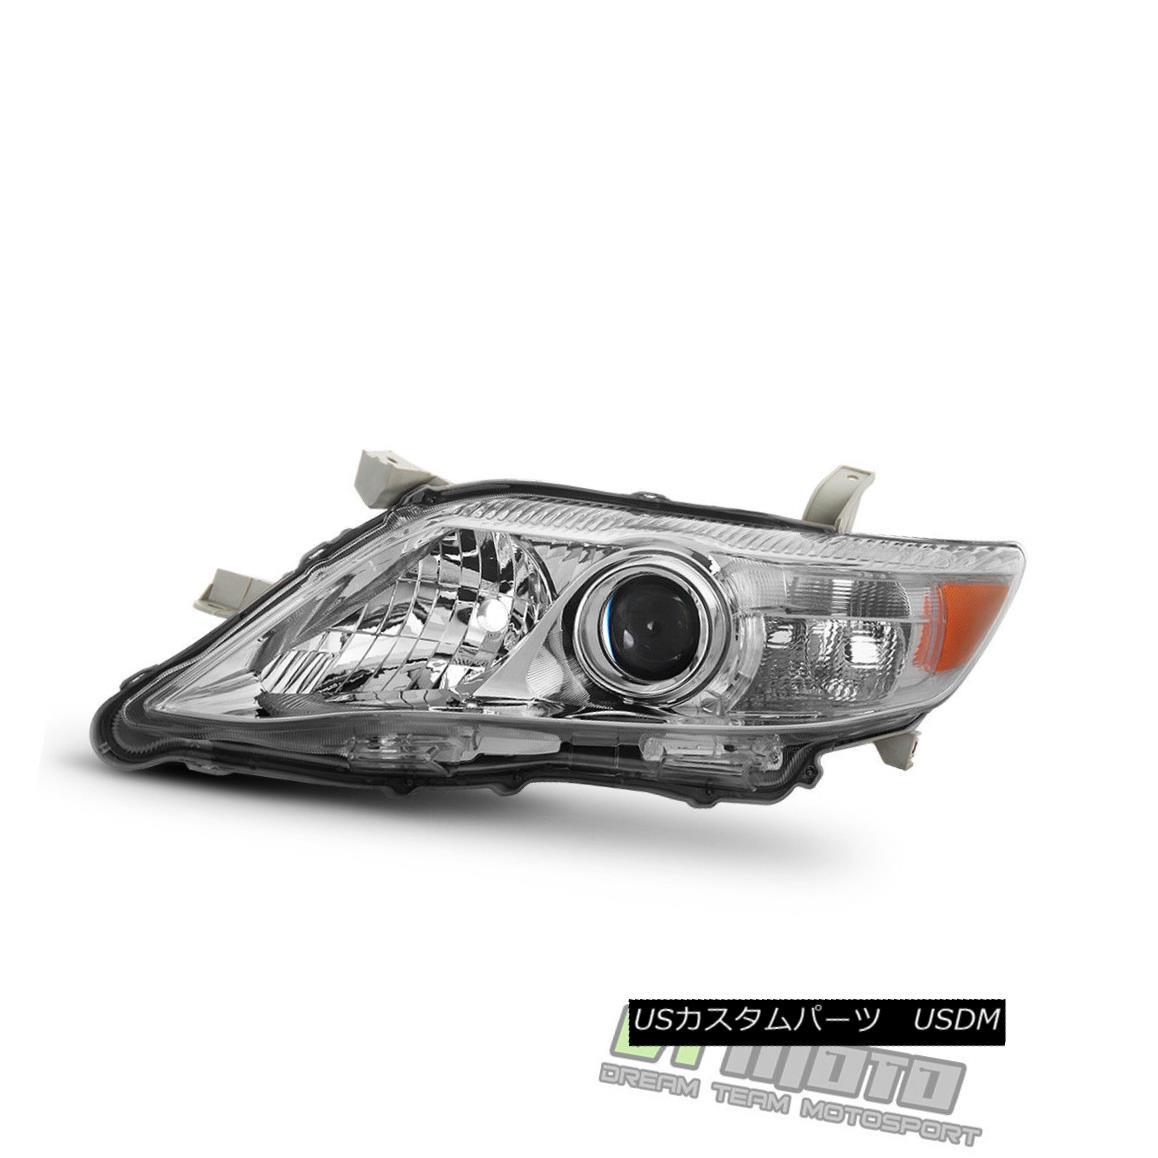 ヘッドライト US Built Model 2010-2011 Toyota Camry LE/XLE Headlight Headlamp Left Driver Side 米国製モデル2010-2011トヨタカムリLE / XLEヘッドライトヘッドランプ左側ドライバーサイド